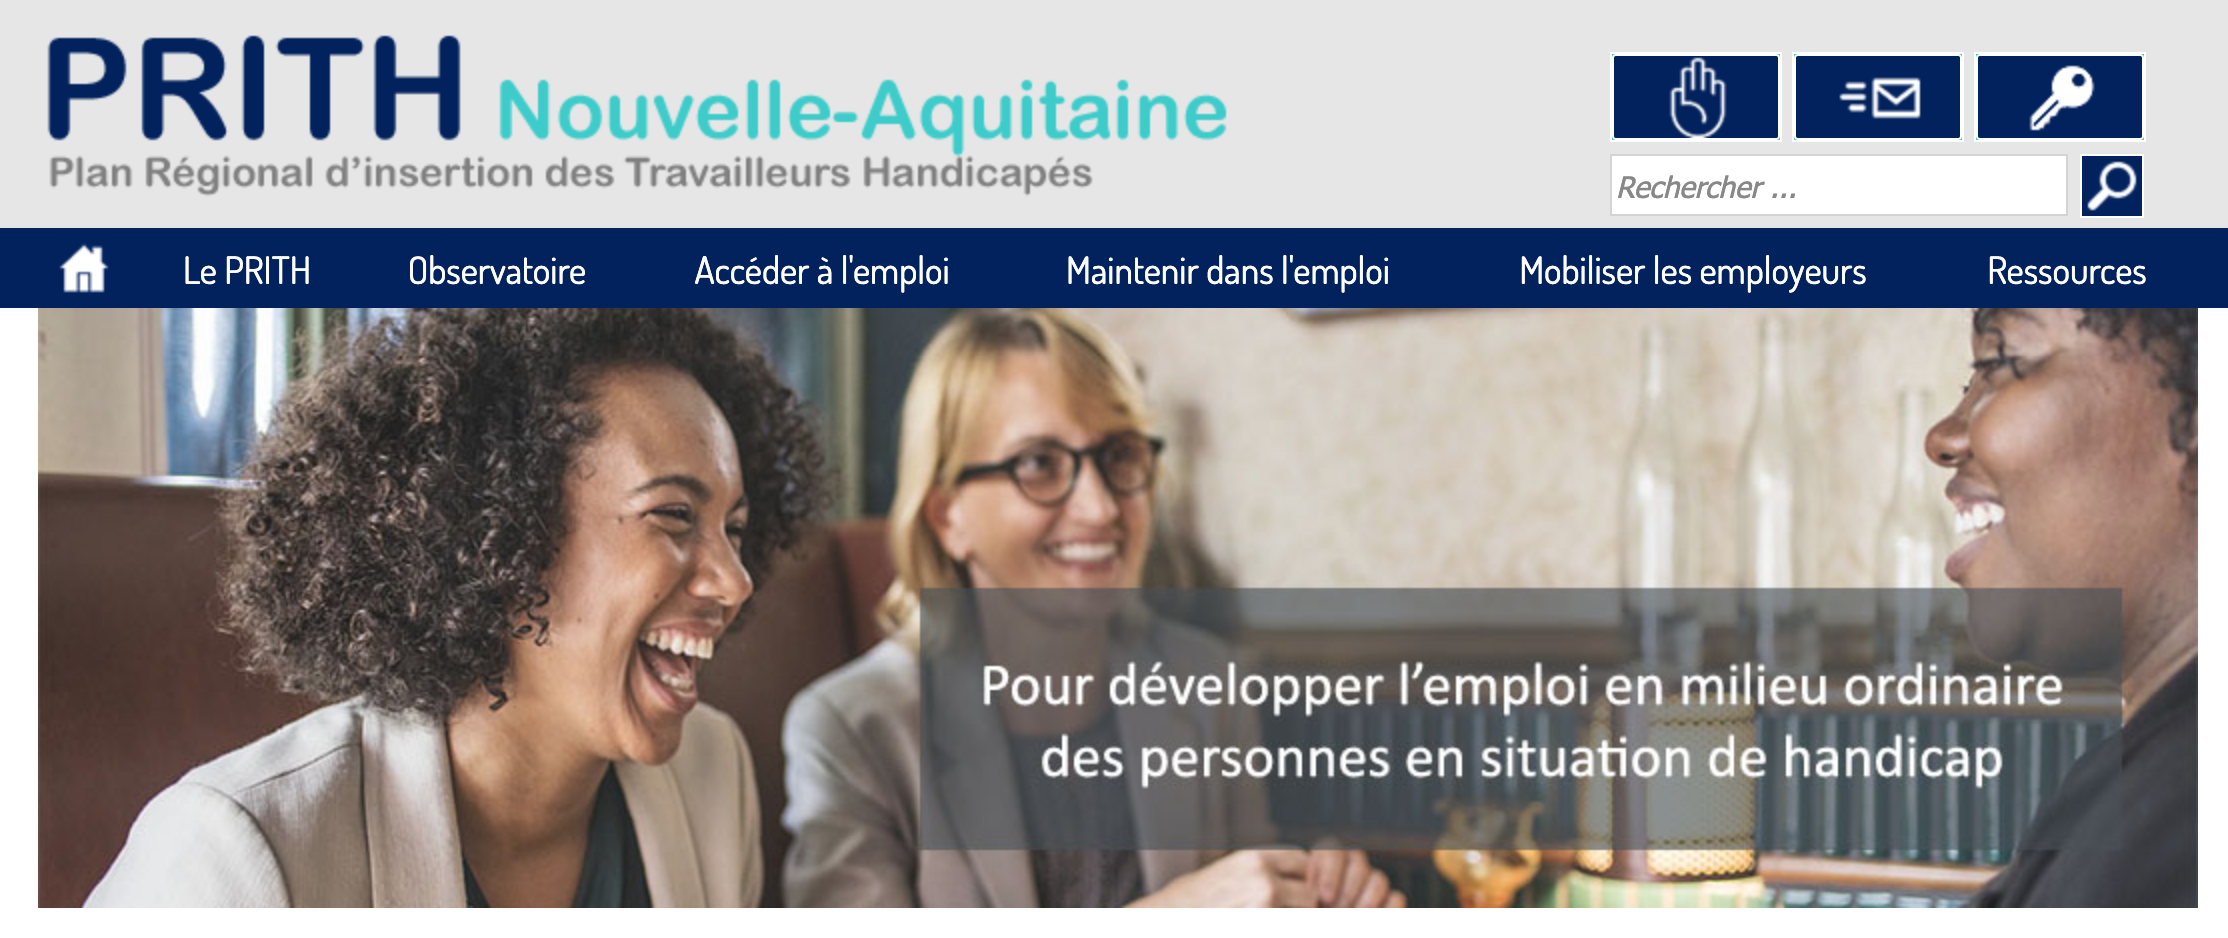 Un nouveau site web pour l'emploi des personnes en situation de handicap